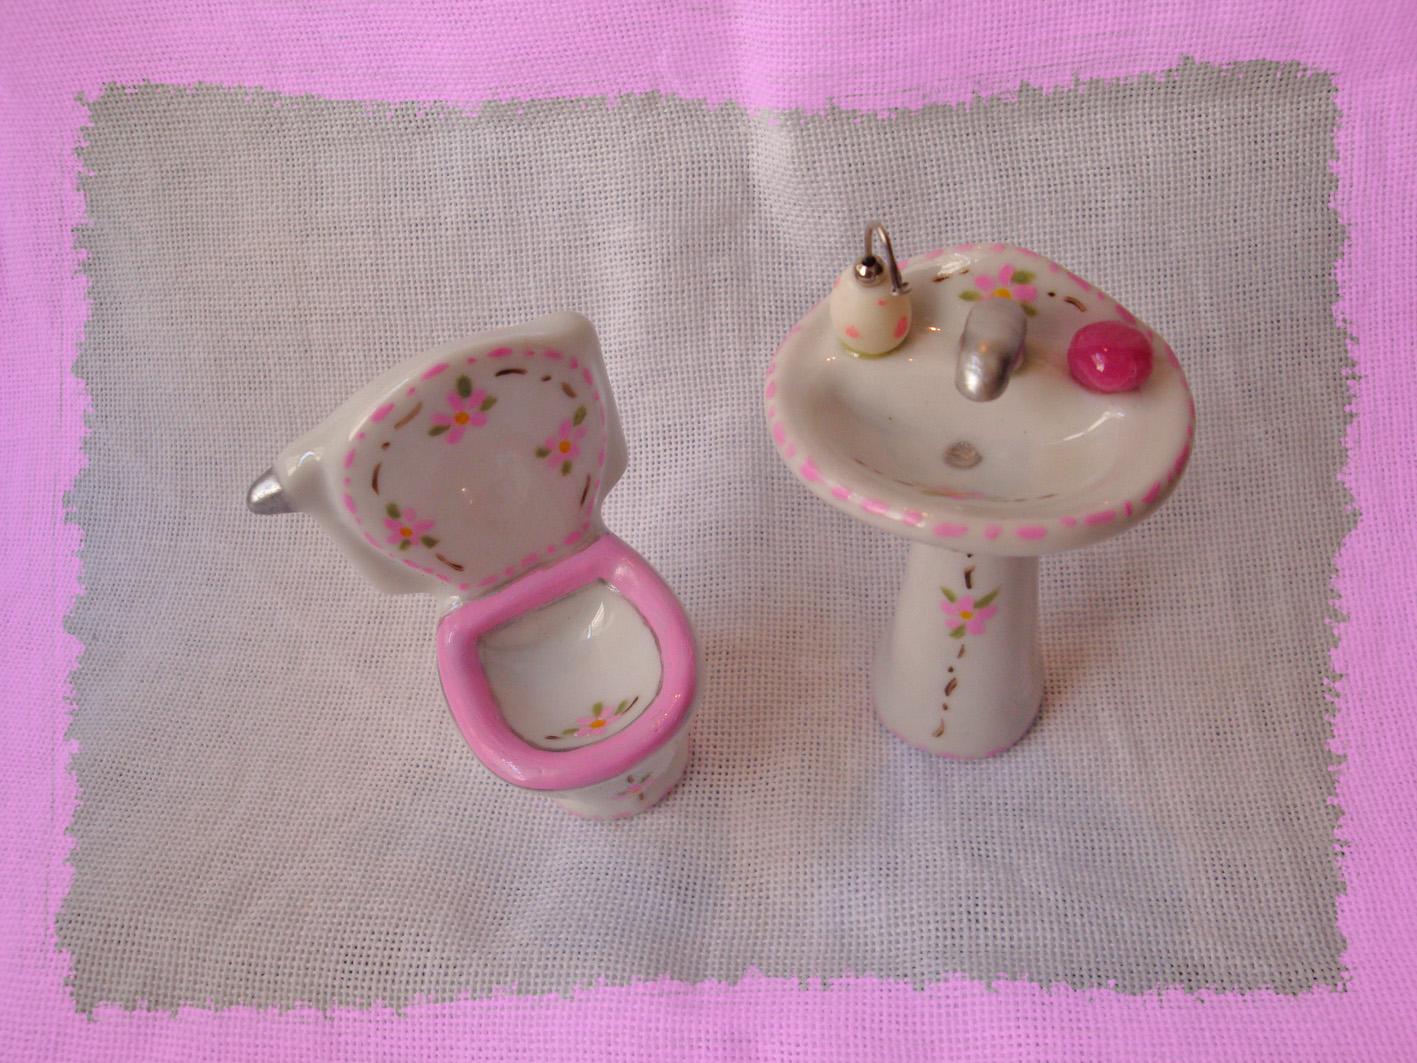 de banheiro rosa:02 mini pecas de banheiro rosa branco cor de rosa #913A85 1417x1063 Balança De Banheiro Rosa